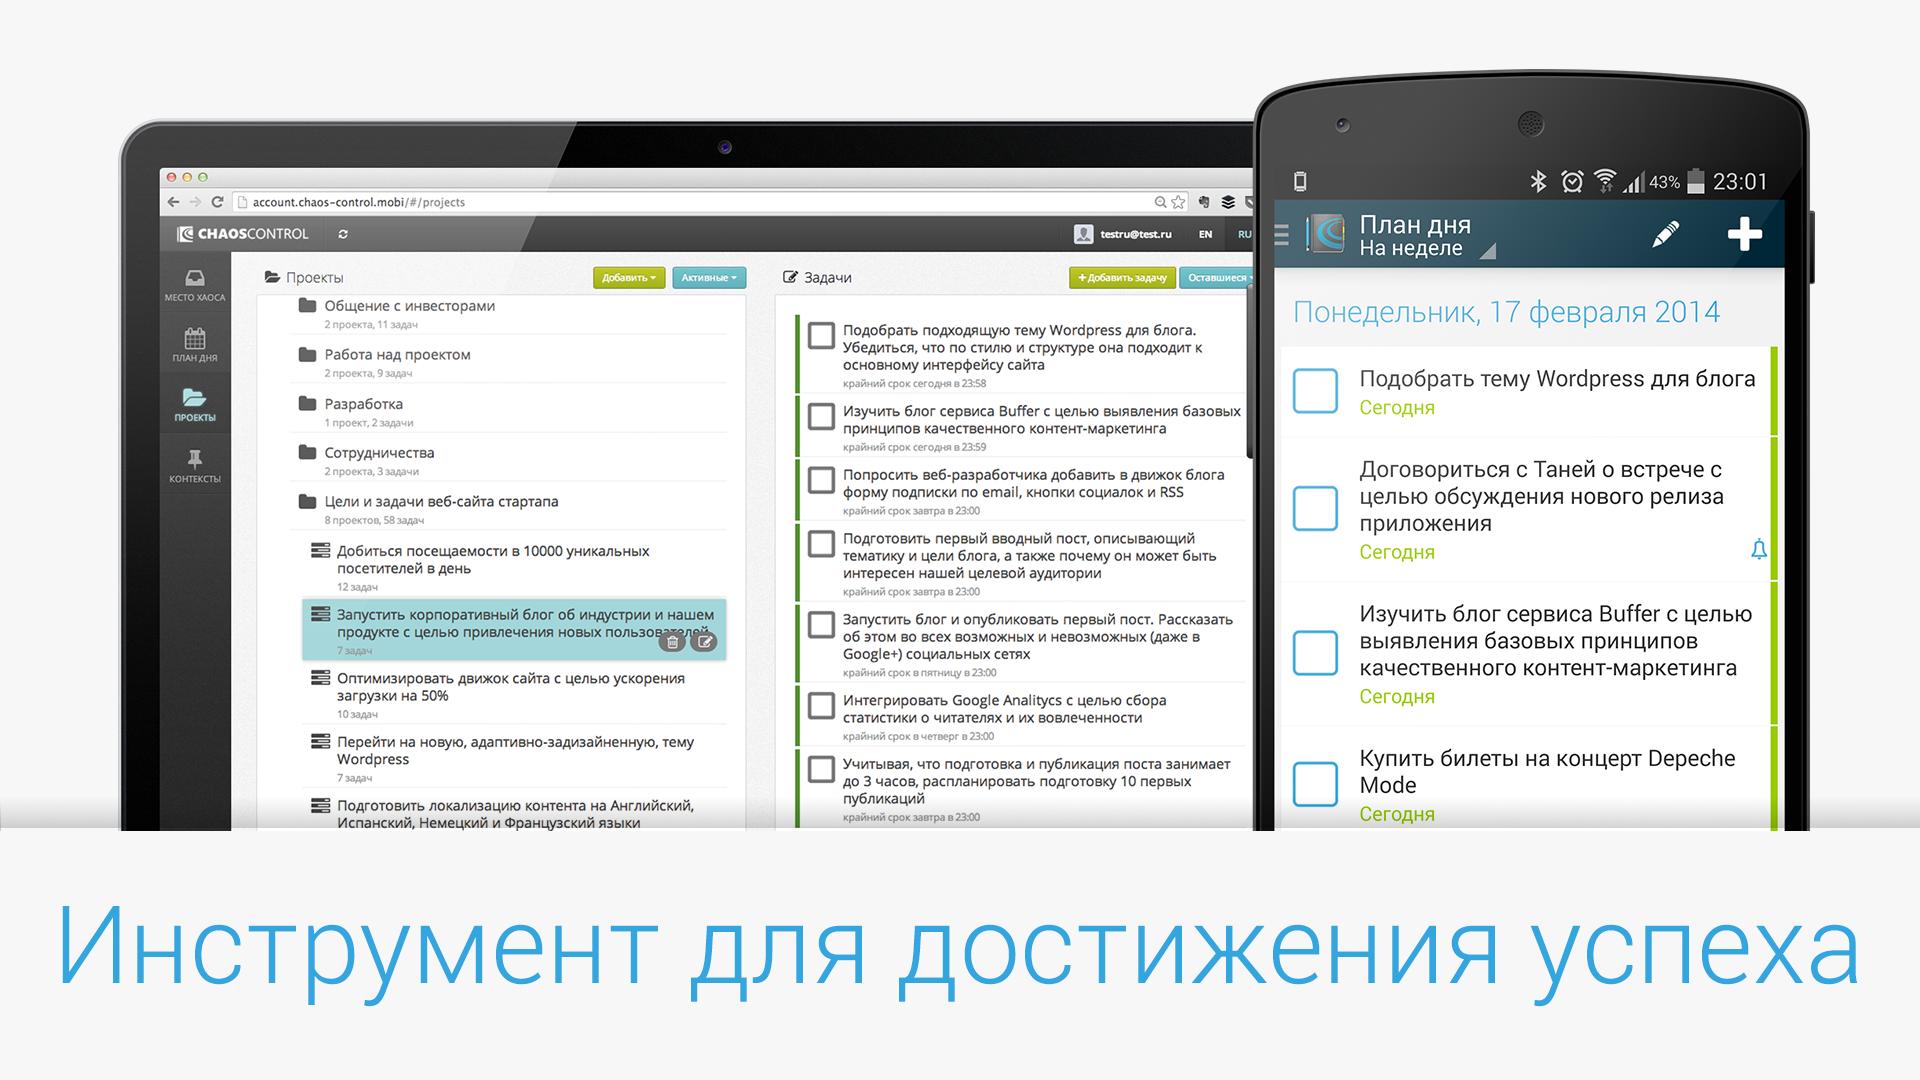 Store_tab_ru_1